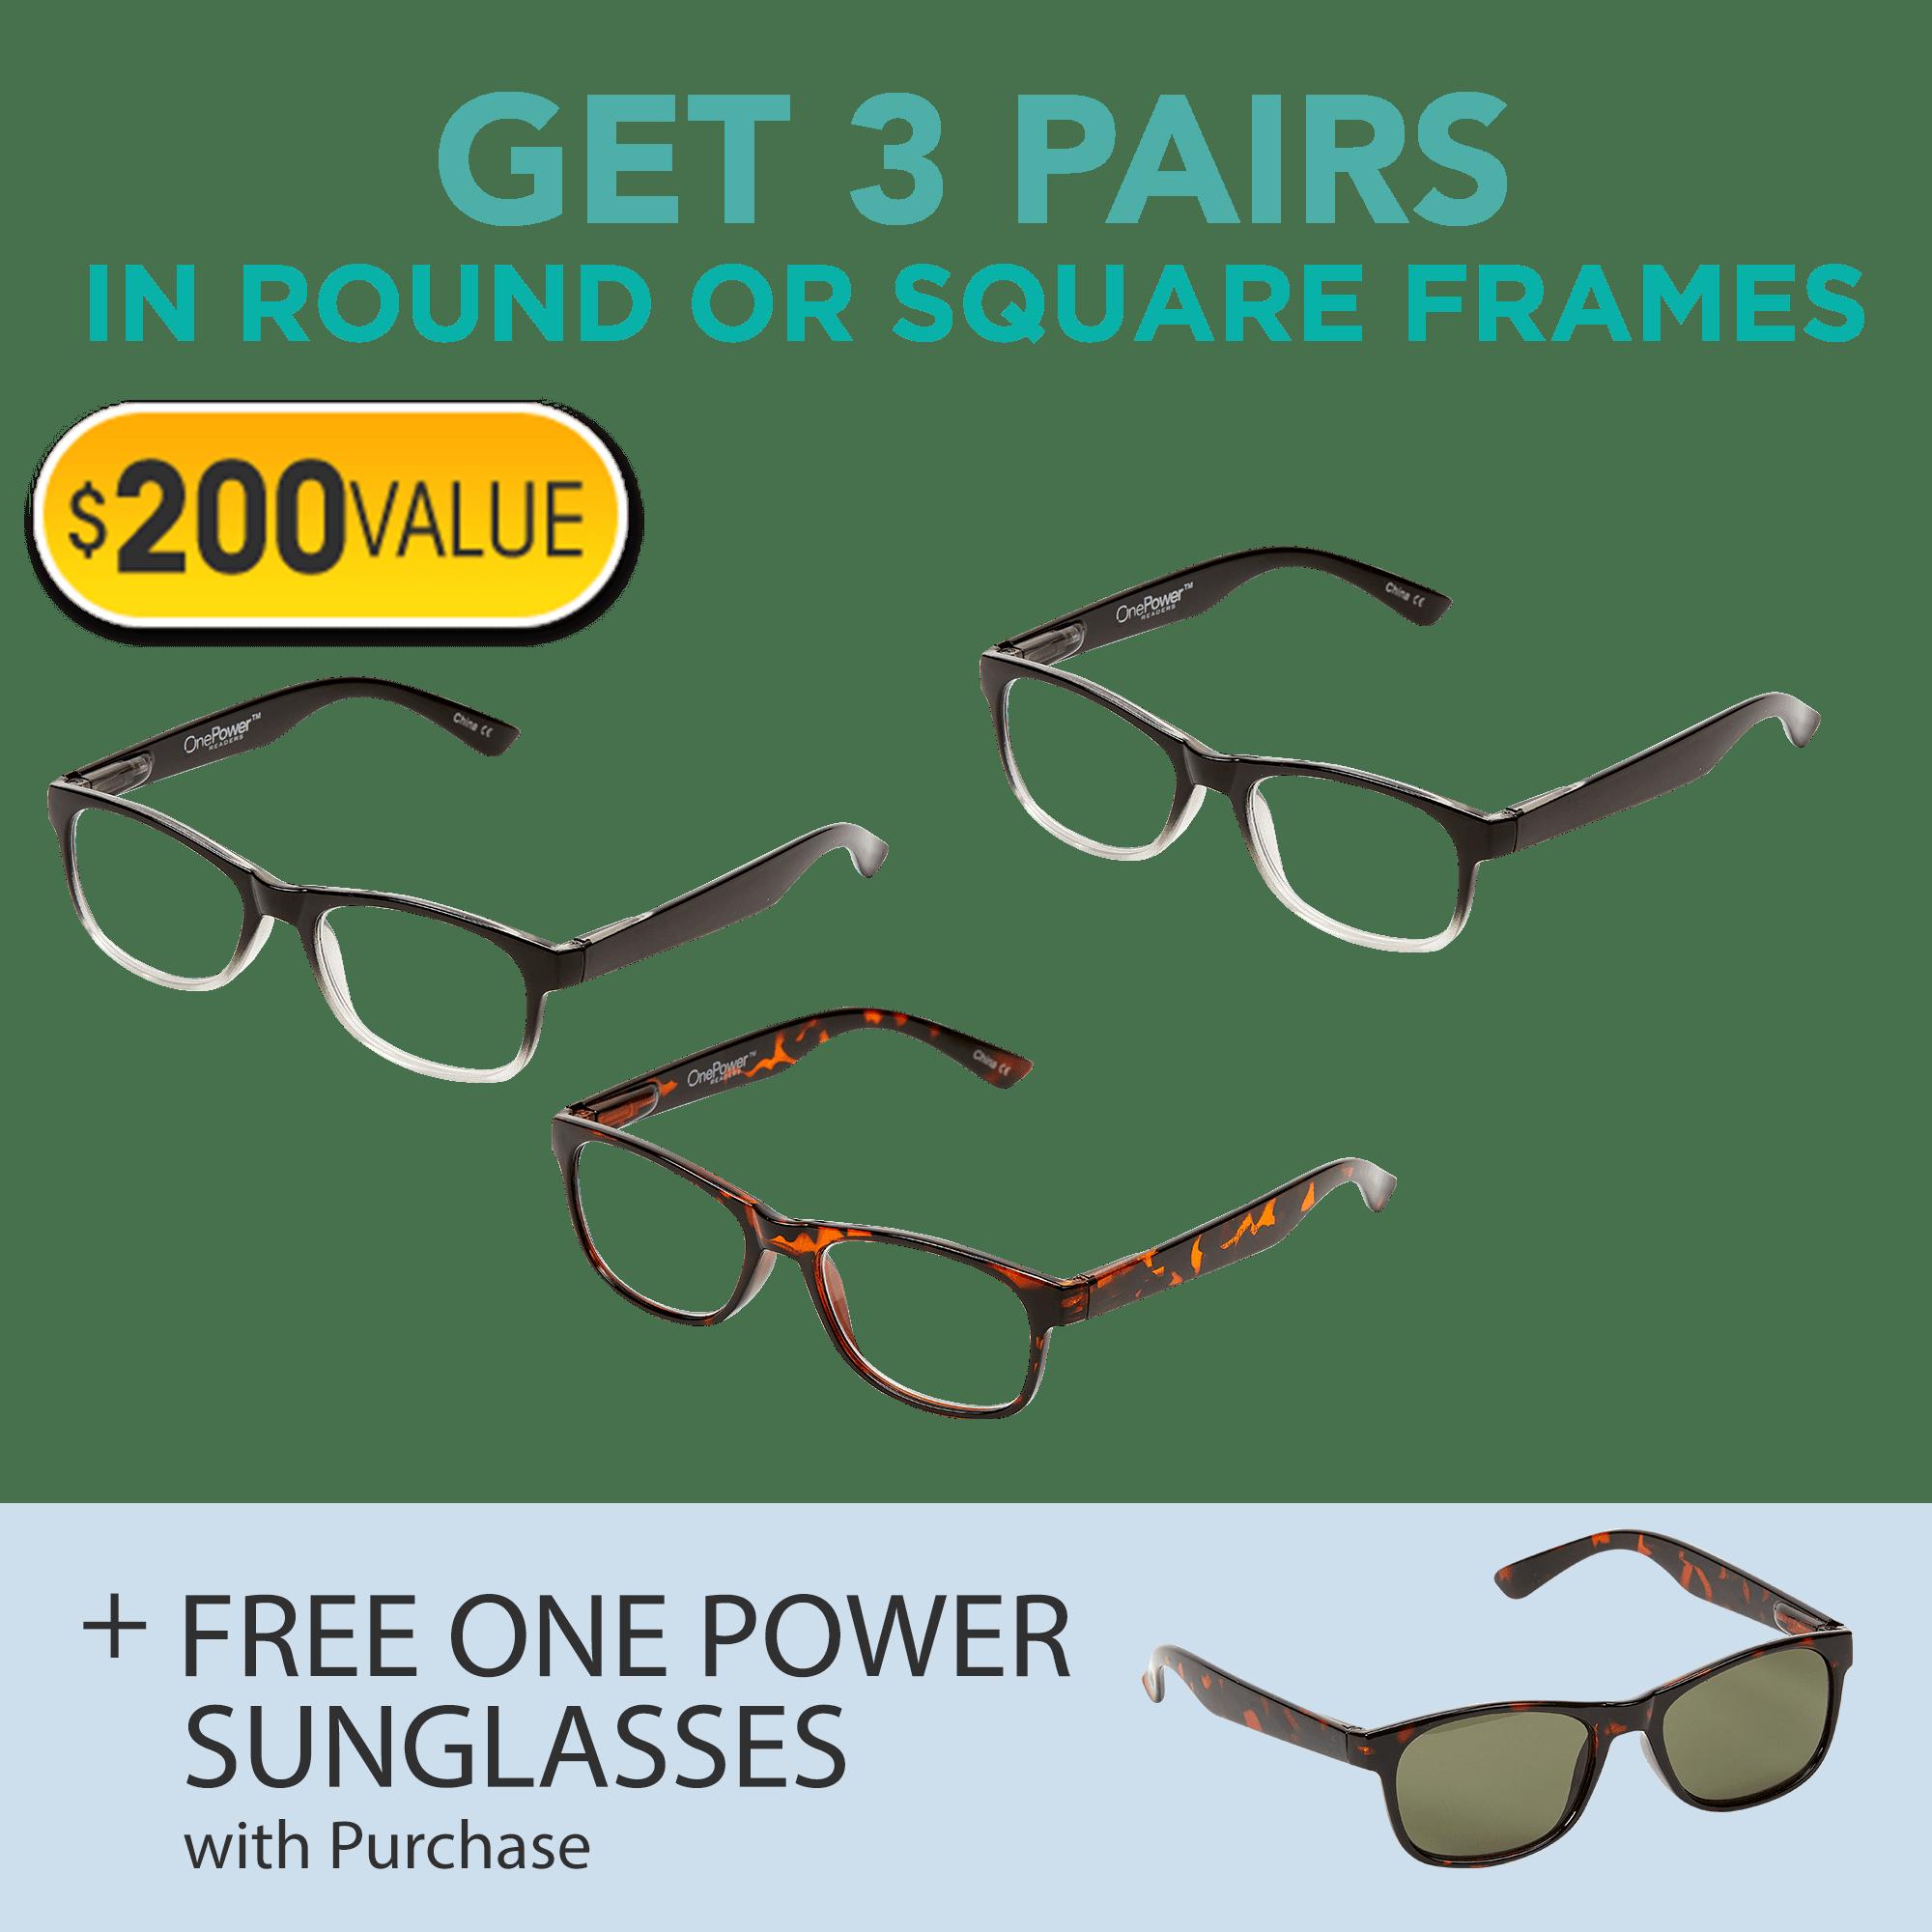 3 glasses offer